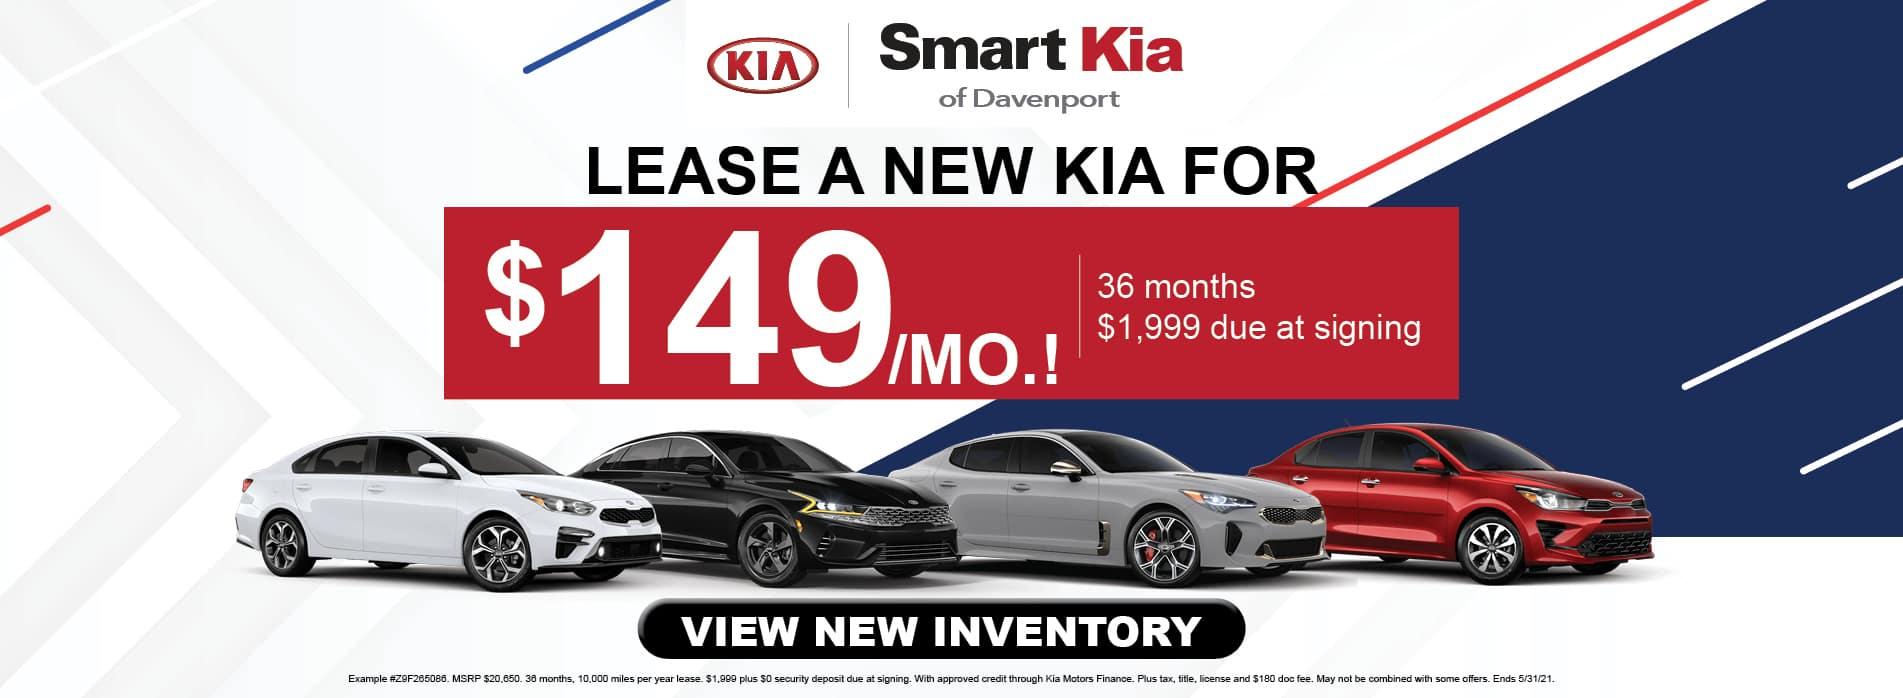 Lease a New Kia